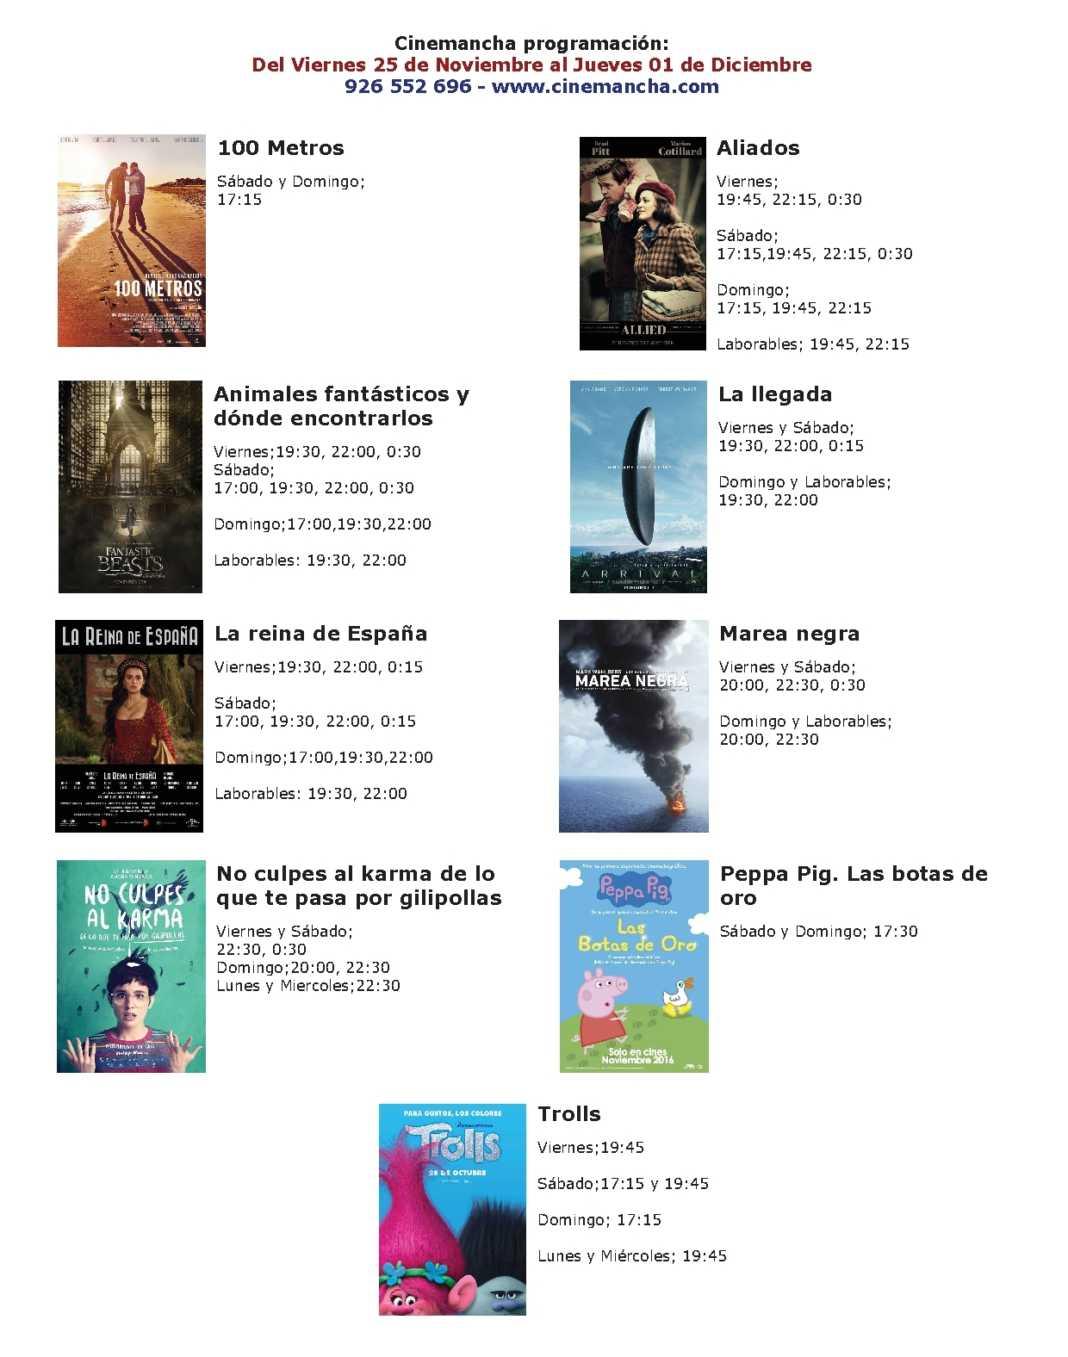 cartelera de cinemancha del 25 11 al 01 12 1068x1357 - Cartelera de Cinemancha del viernes 25 al jueves 1.